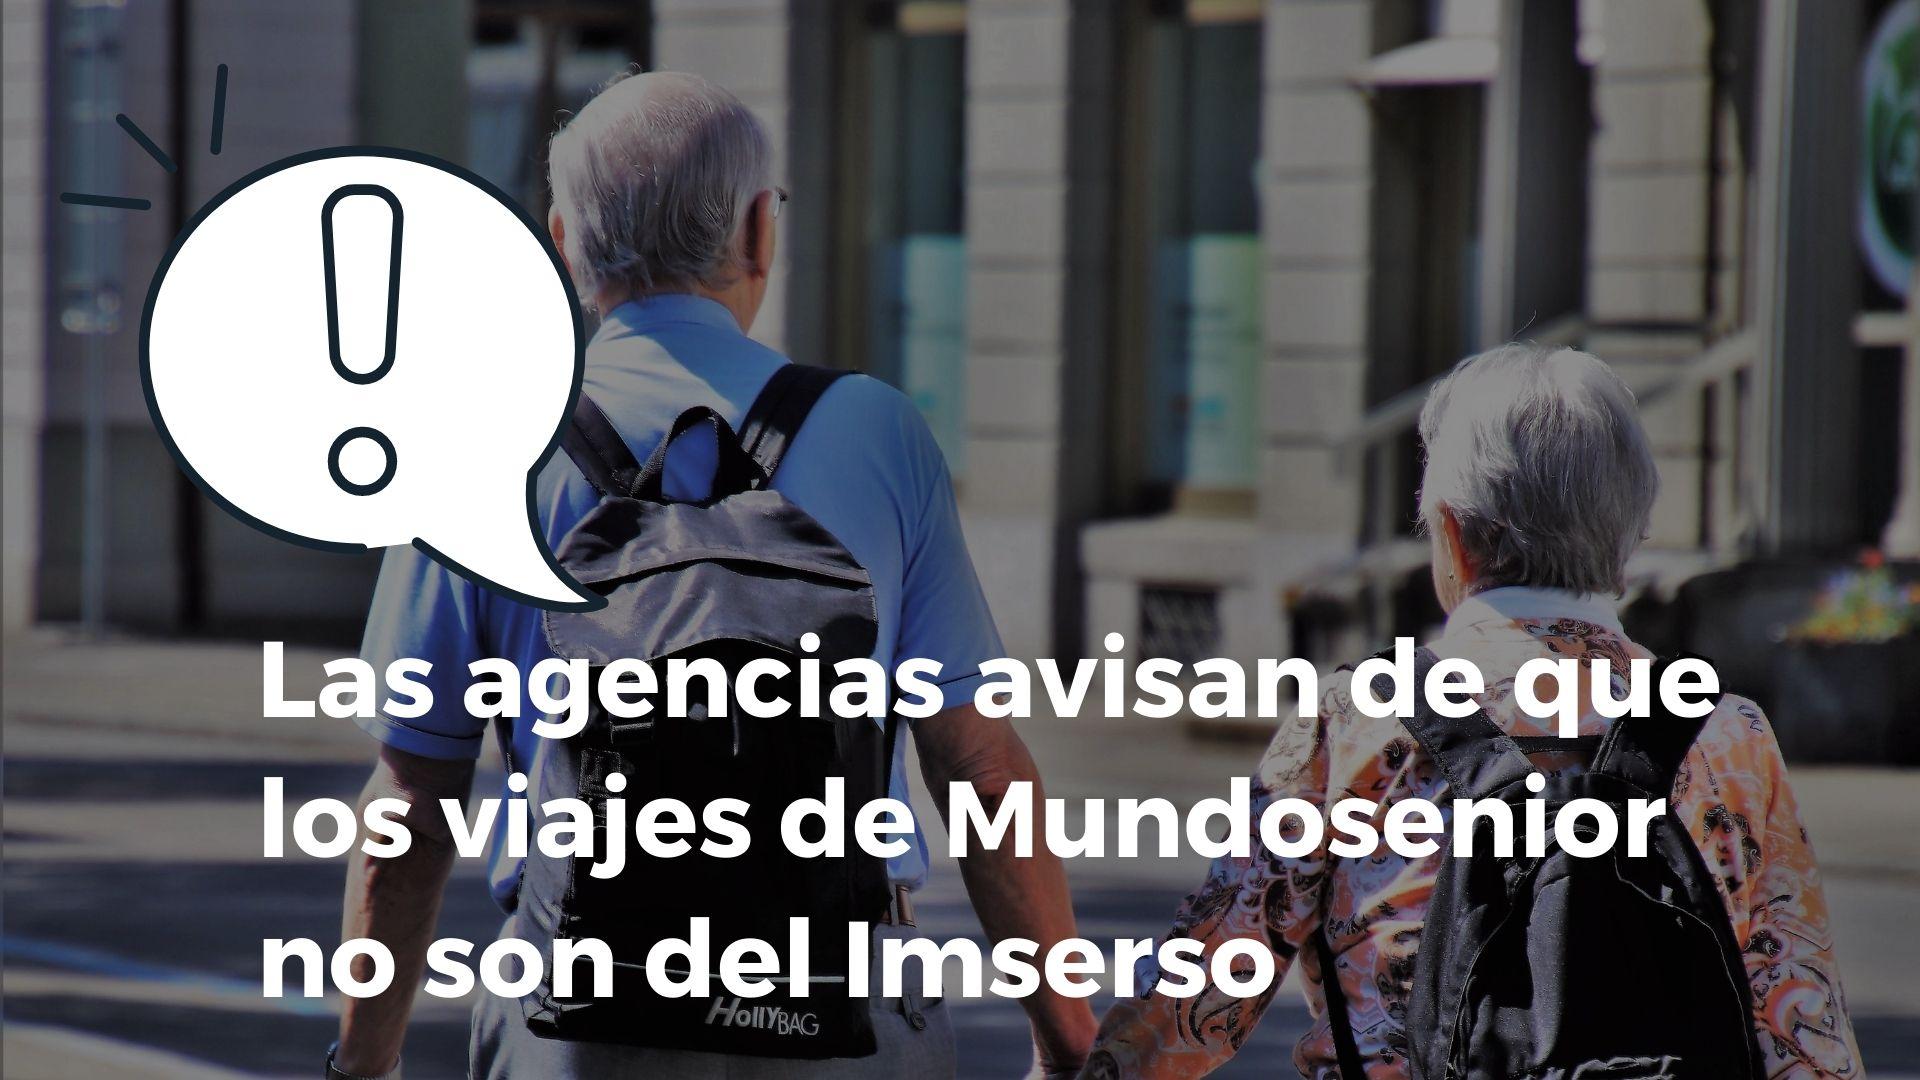 Los viajes ofertados por Mundosenior no son los viajes oficiales del Imserso